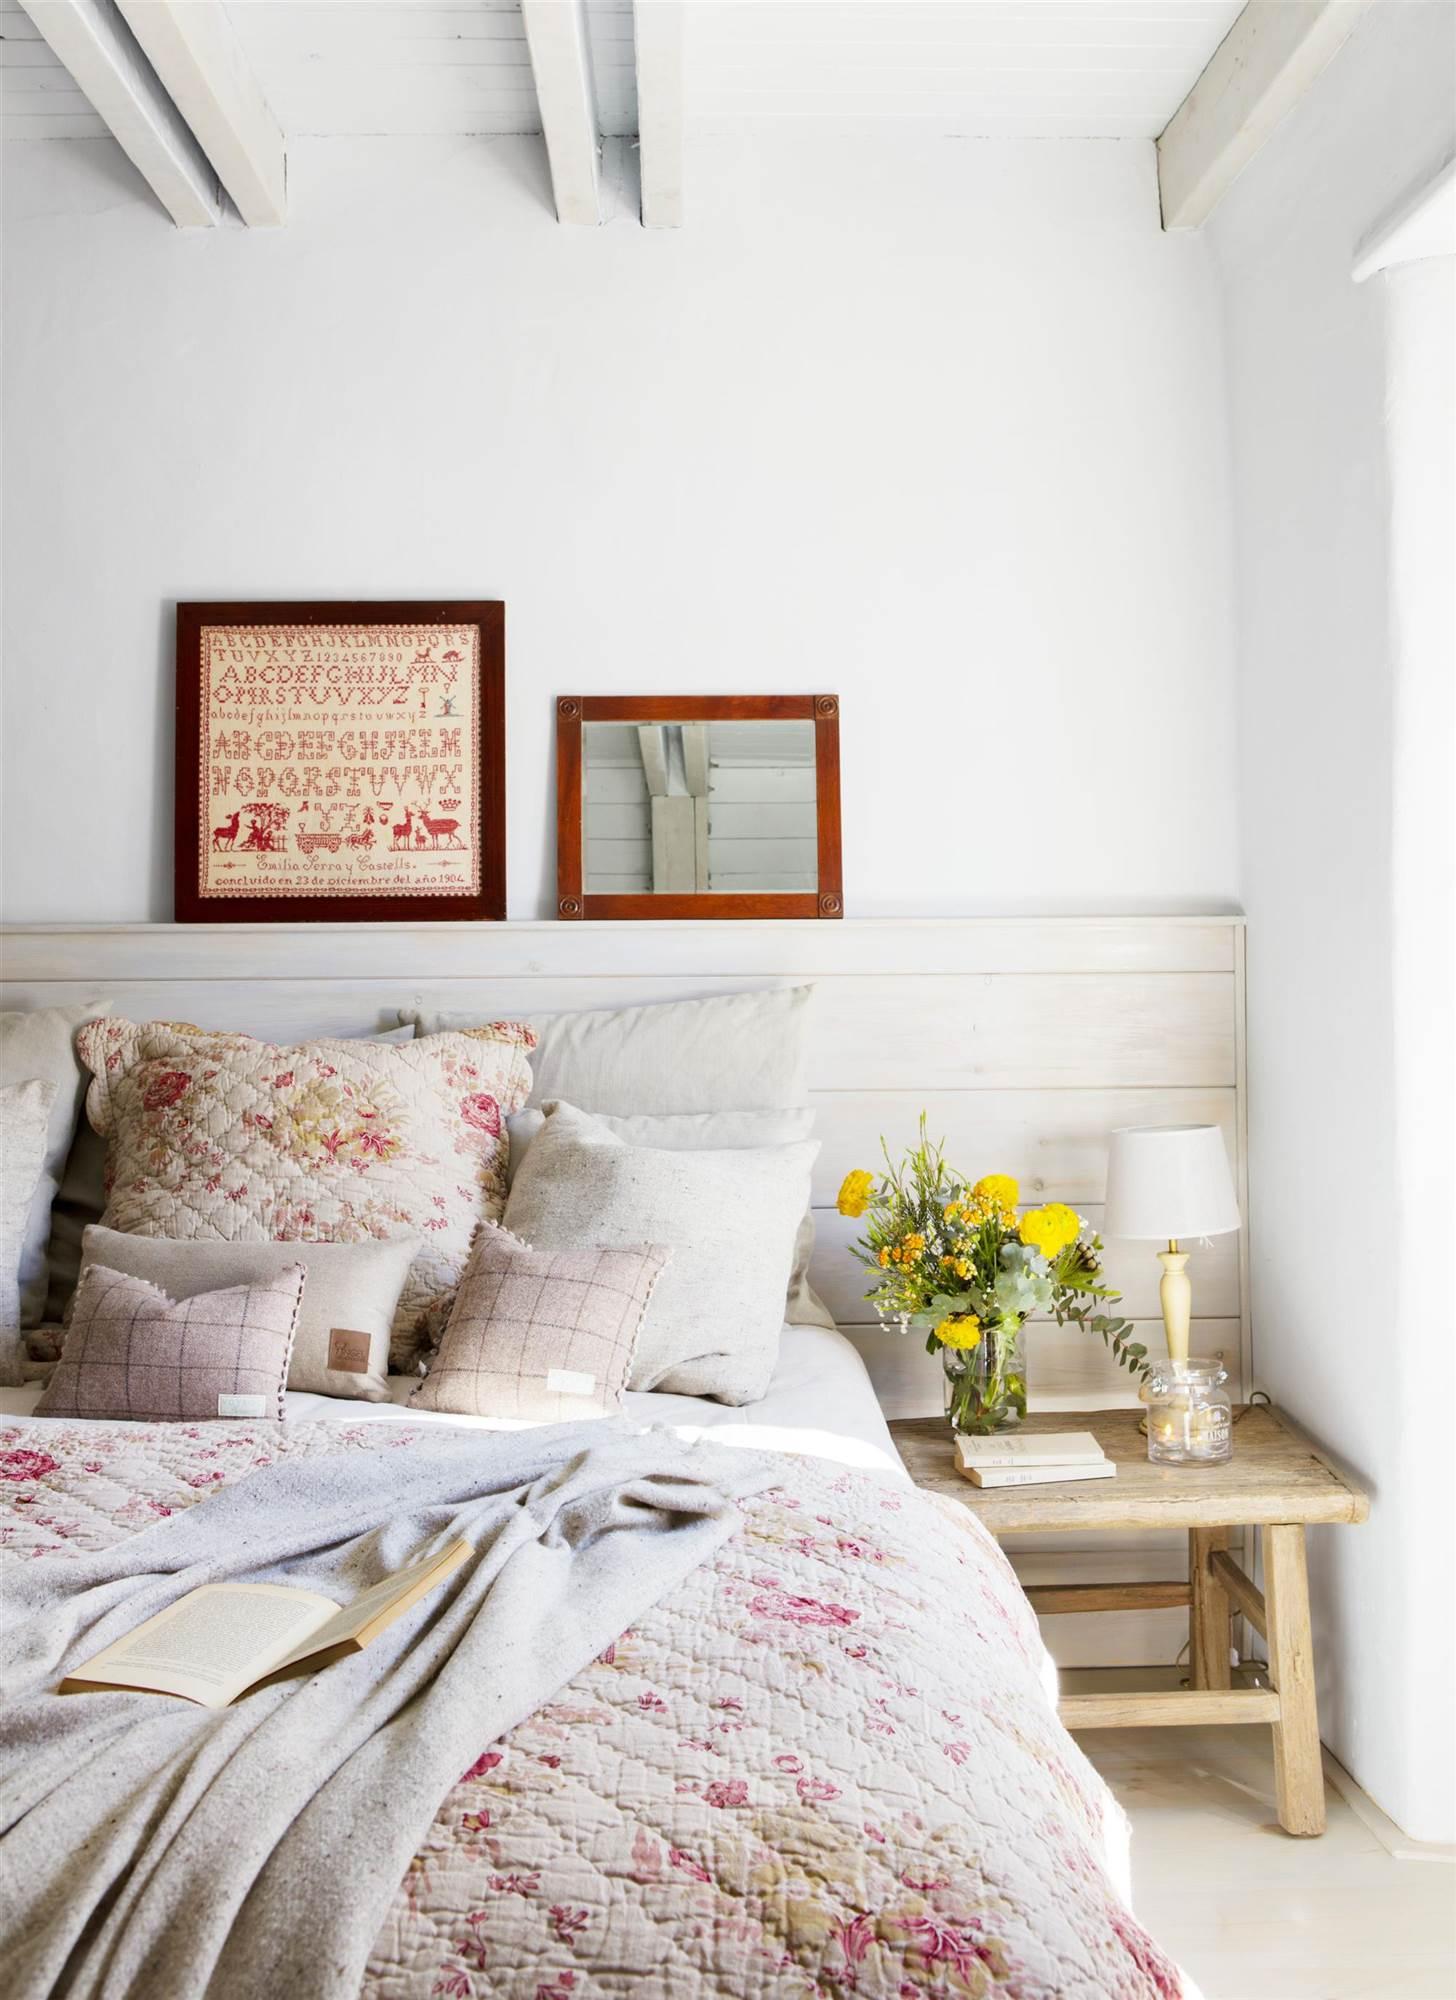 Los cuadros de tu casa dicen mucho de tu personalidad - Que cuadros poner en el dormitorio ...